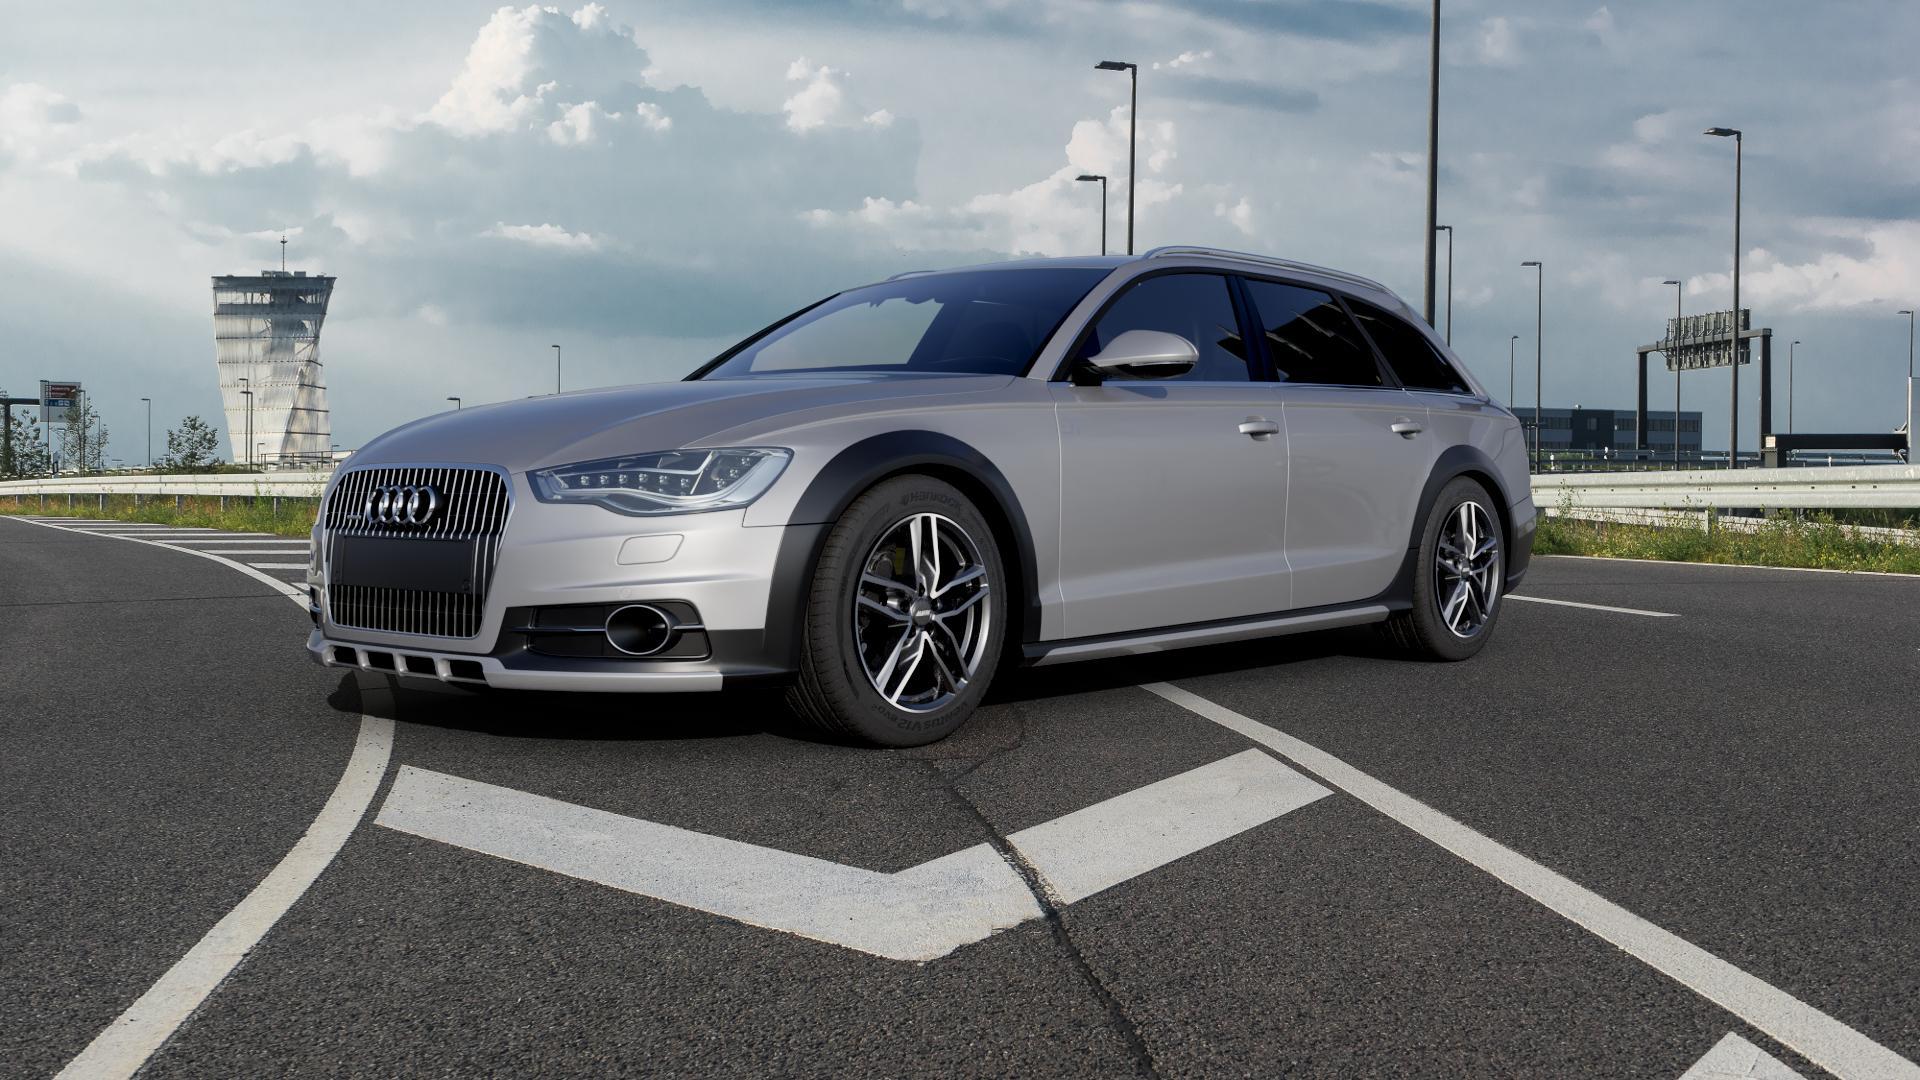 ALUTEC Ikenu graphit frontpoliert Felge mit Reifen grau mehrfarbig in 18Zoll Alufelge auf silbernem Audi A6 Allroad Quattro Typ 4G/C7 ⬇️ mit 15mm Tieferlegung ⬇️ Autobahn_1 Camera_000